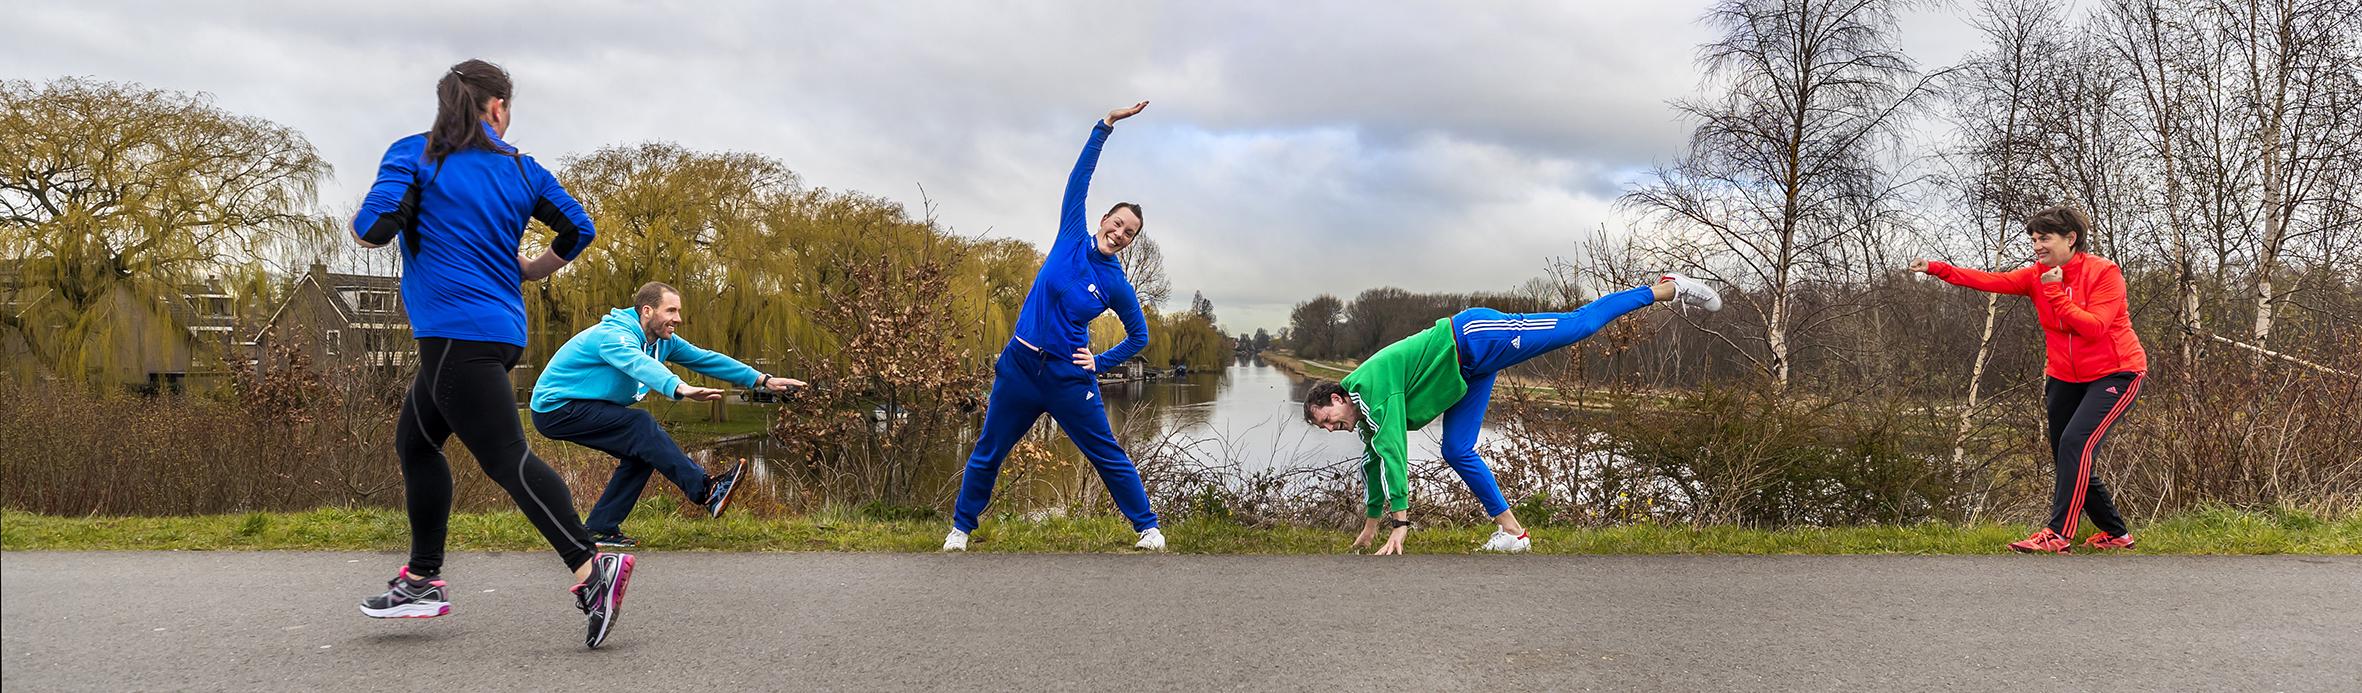 Fit tot over de grenzen met het Damstede Sportjournaal!